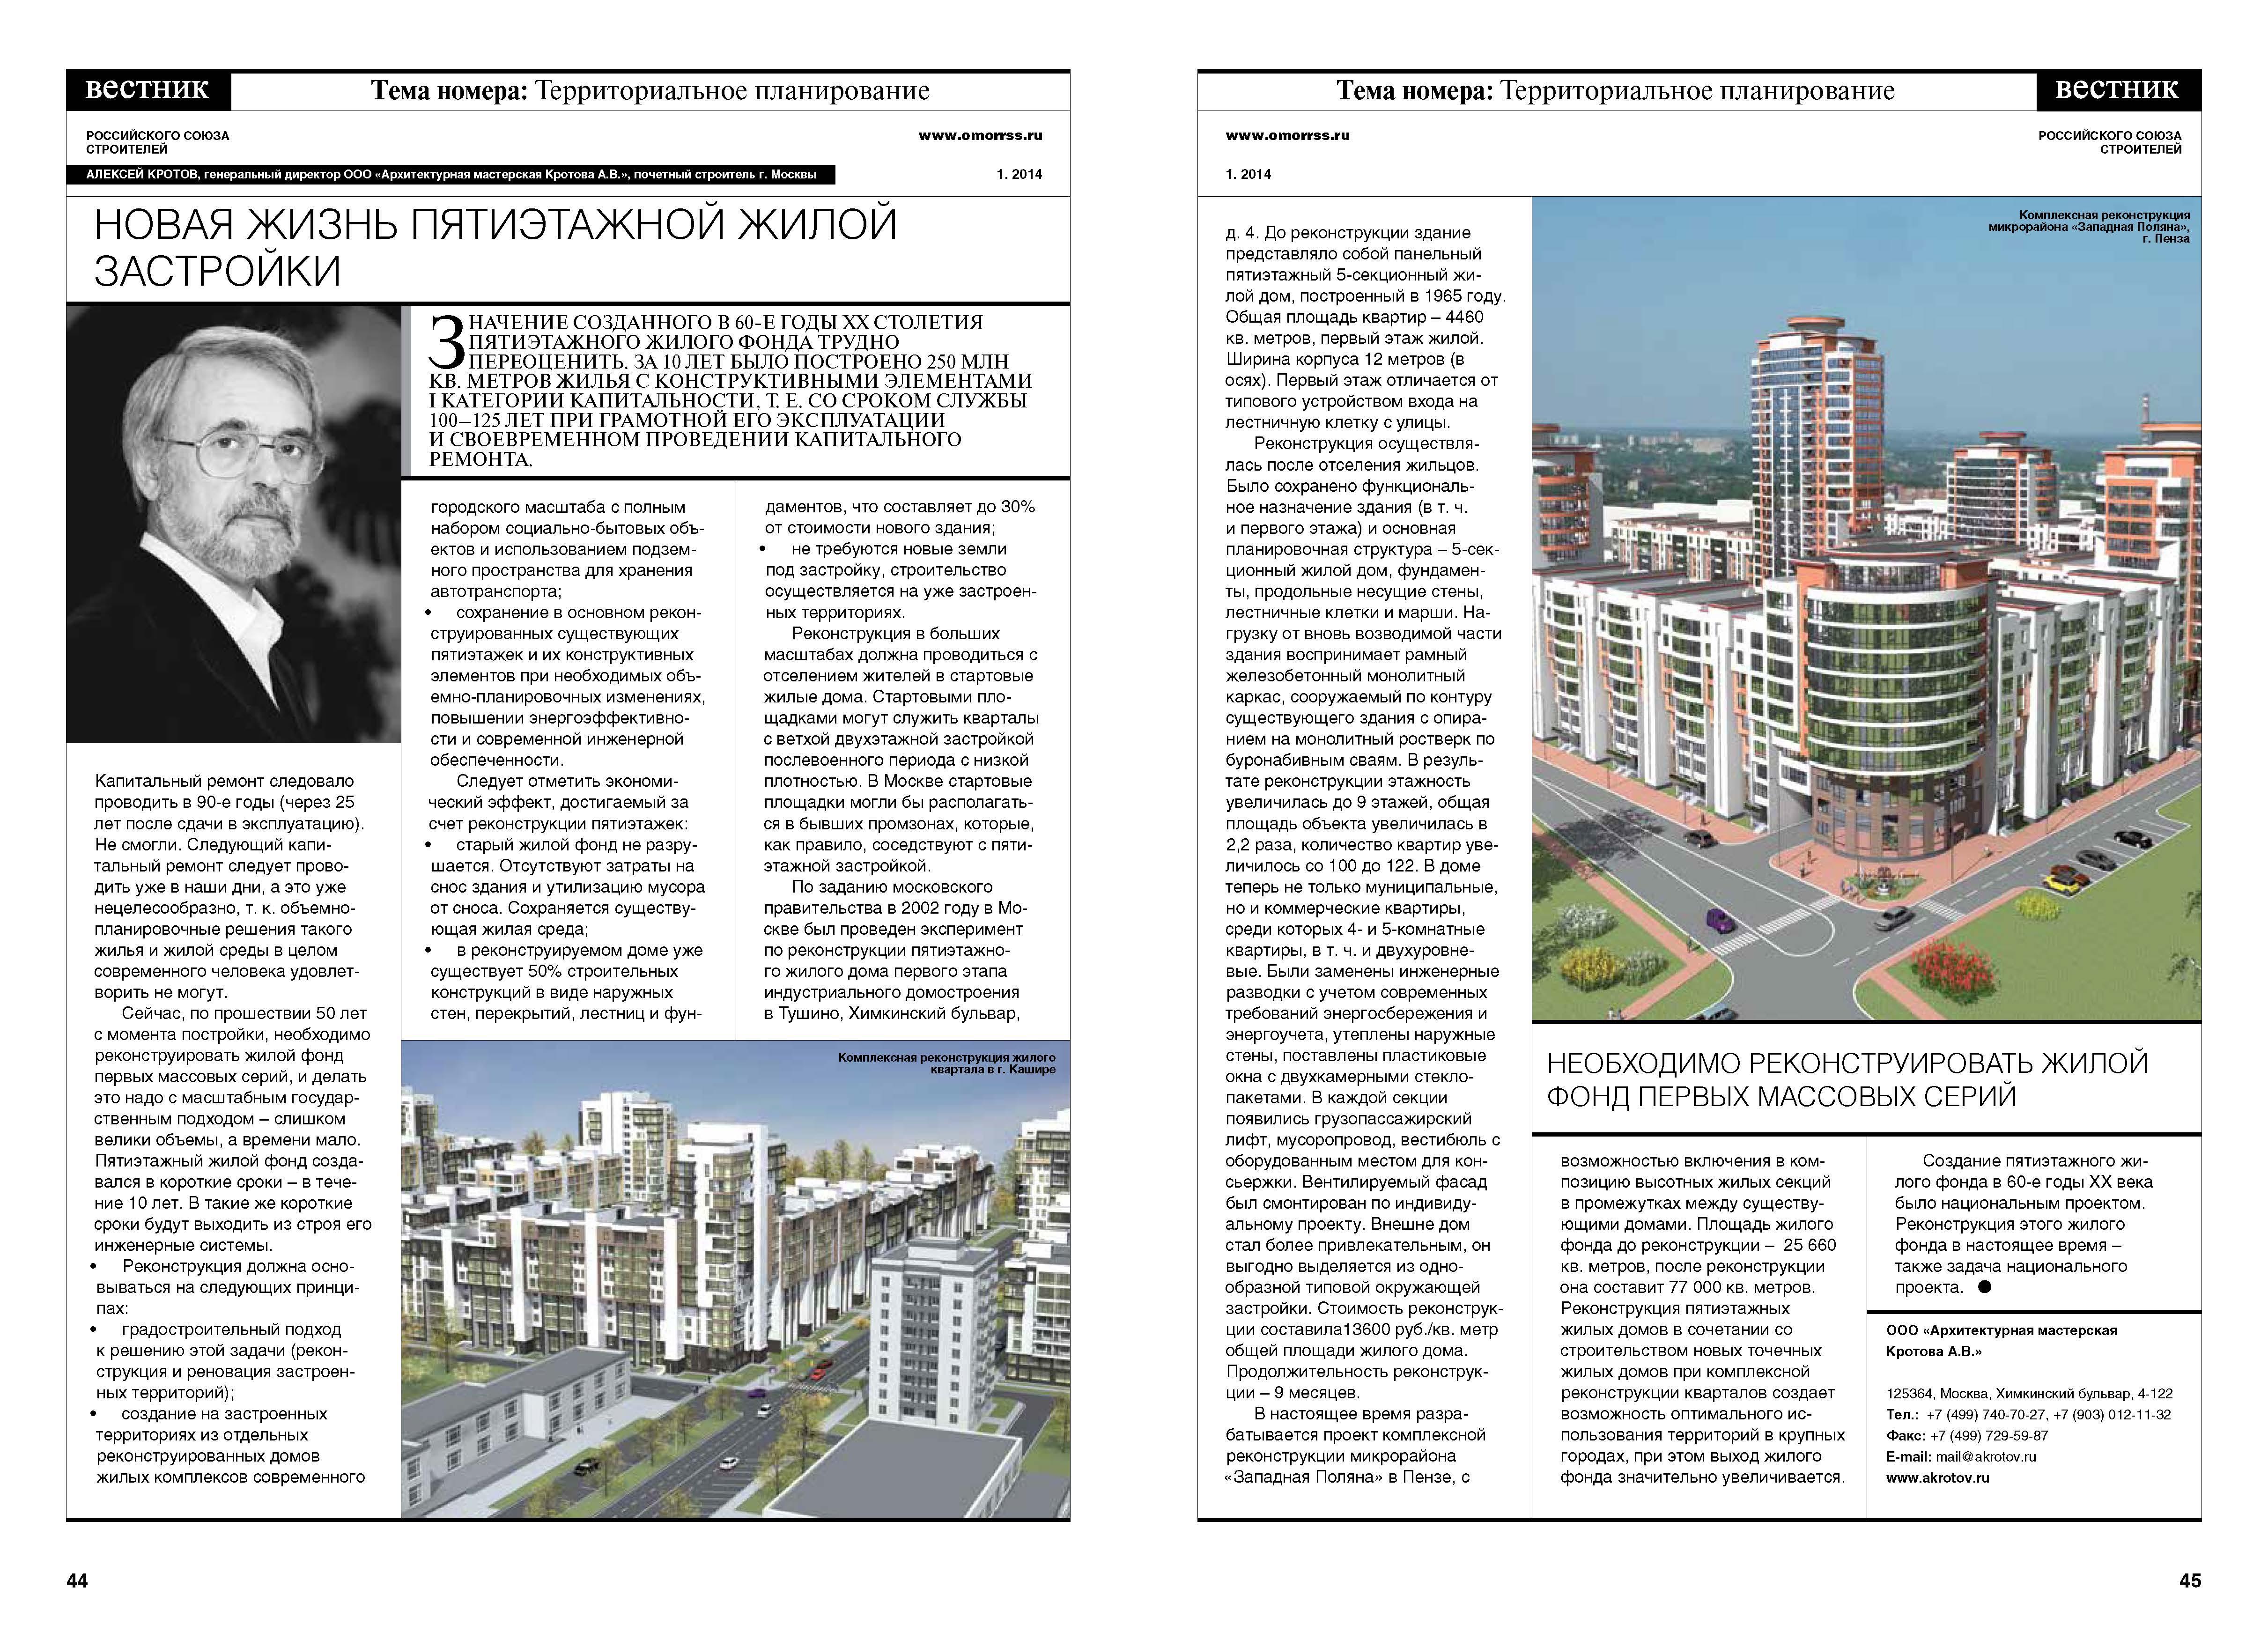 Вестник страница 44-45